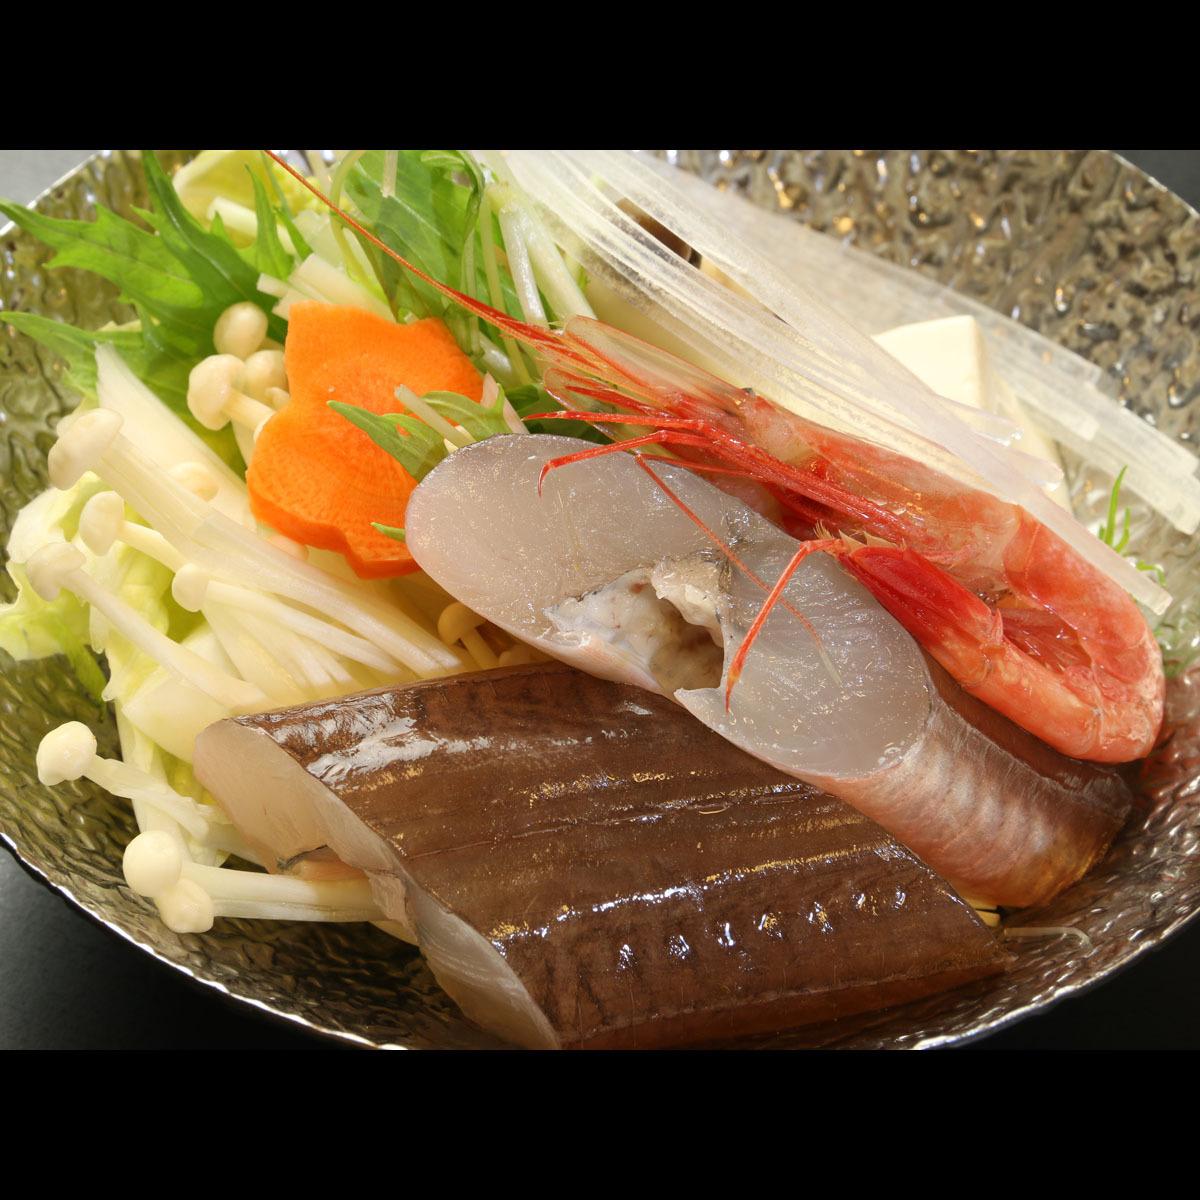 お野菜と魚介の旨味たっぷり 季節鍋〜故郷